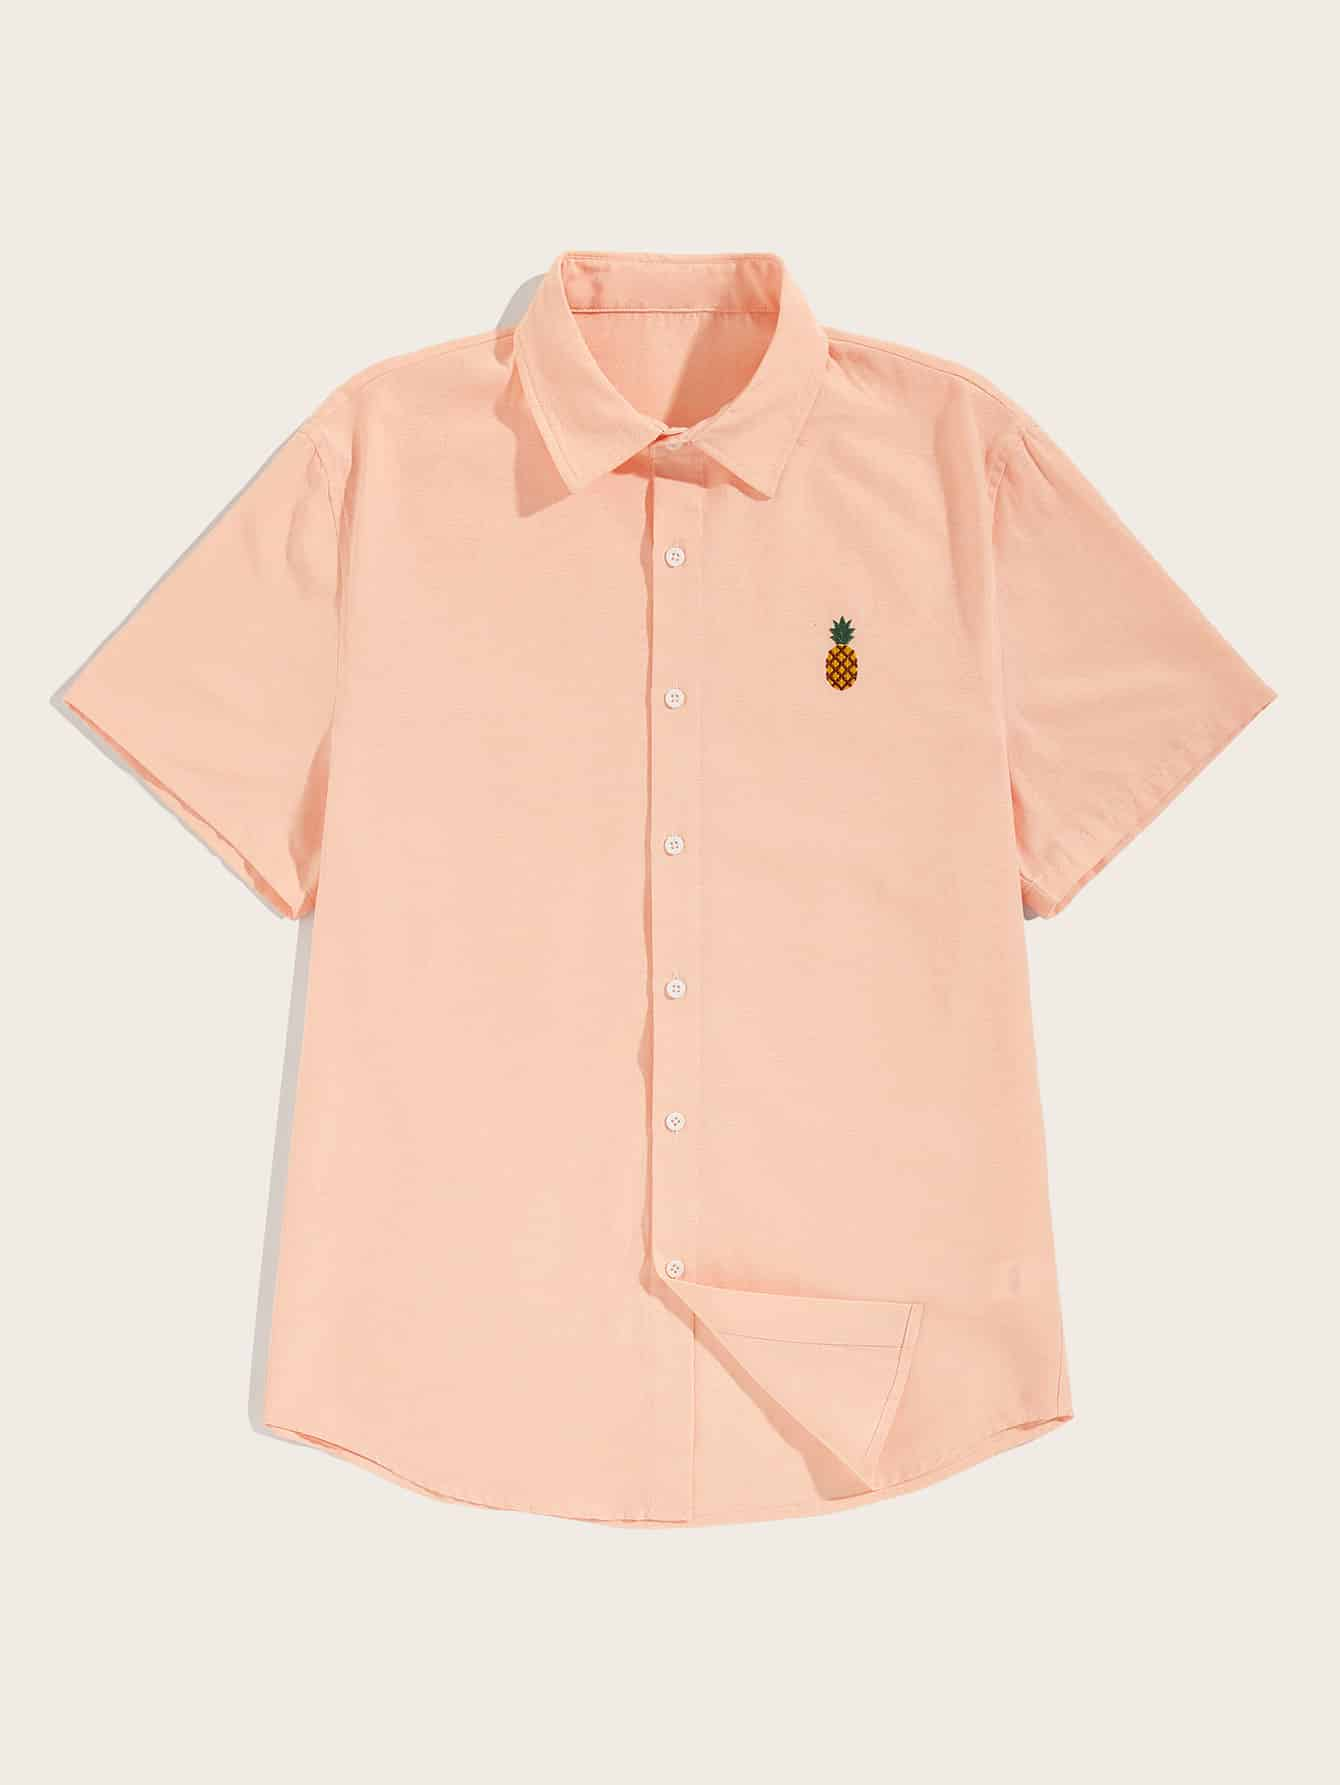 Купить Мужская рубашка с коротким рукавом и принтом вышитых ананасов, null, SheIn